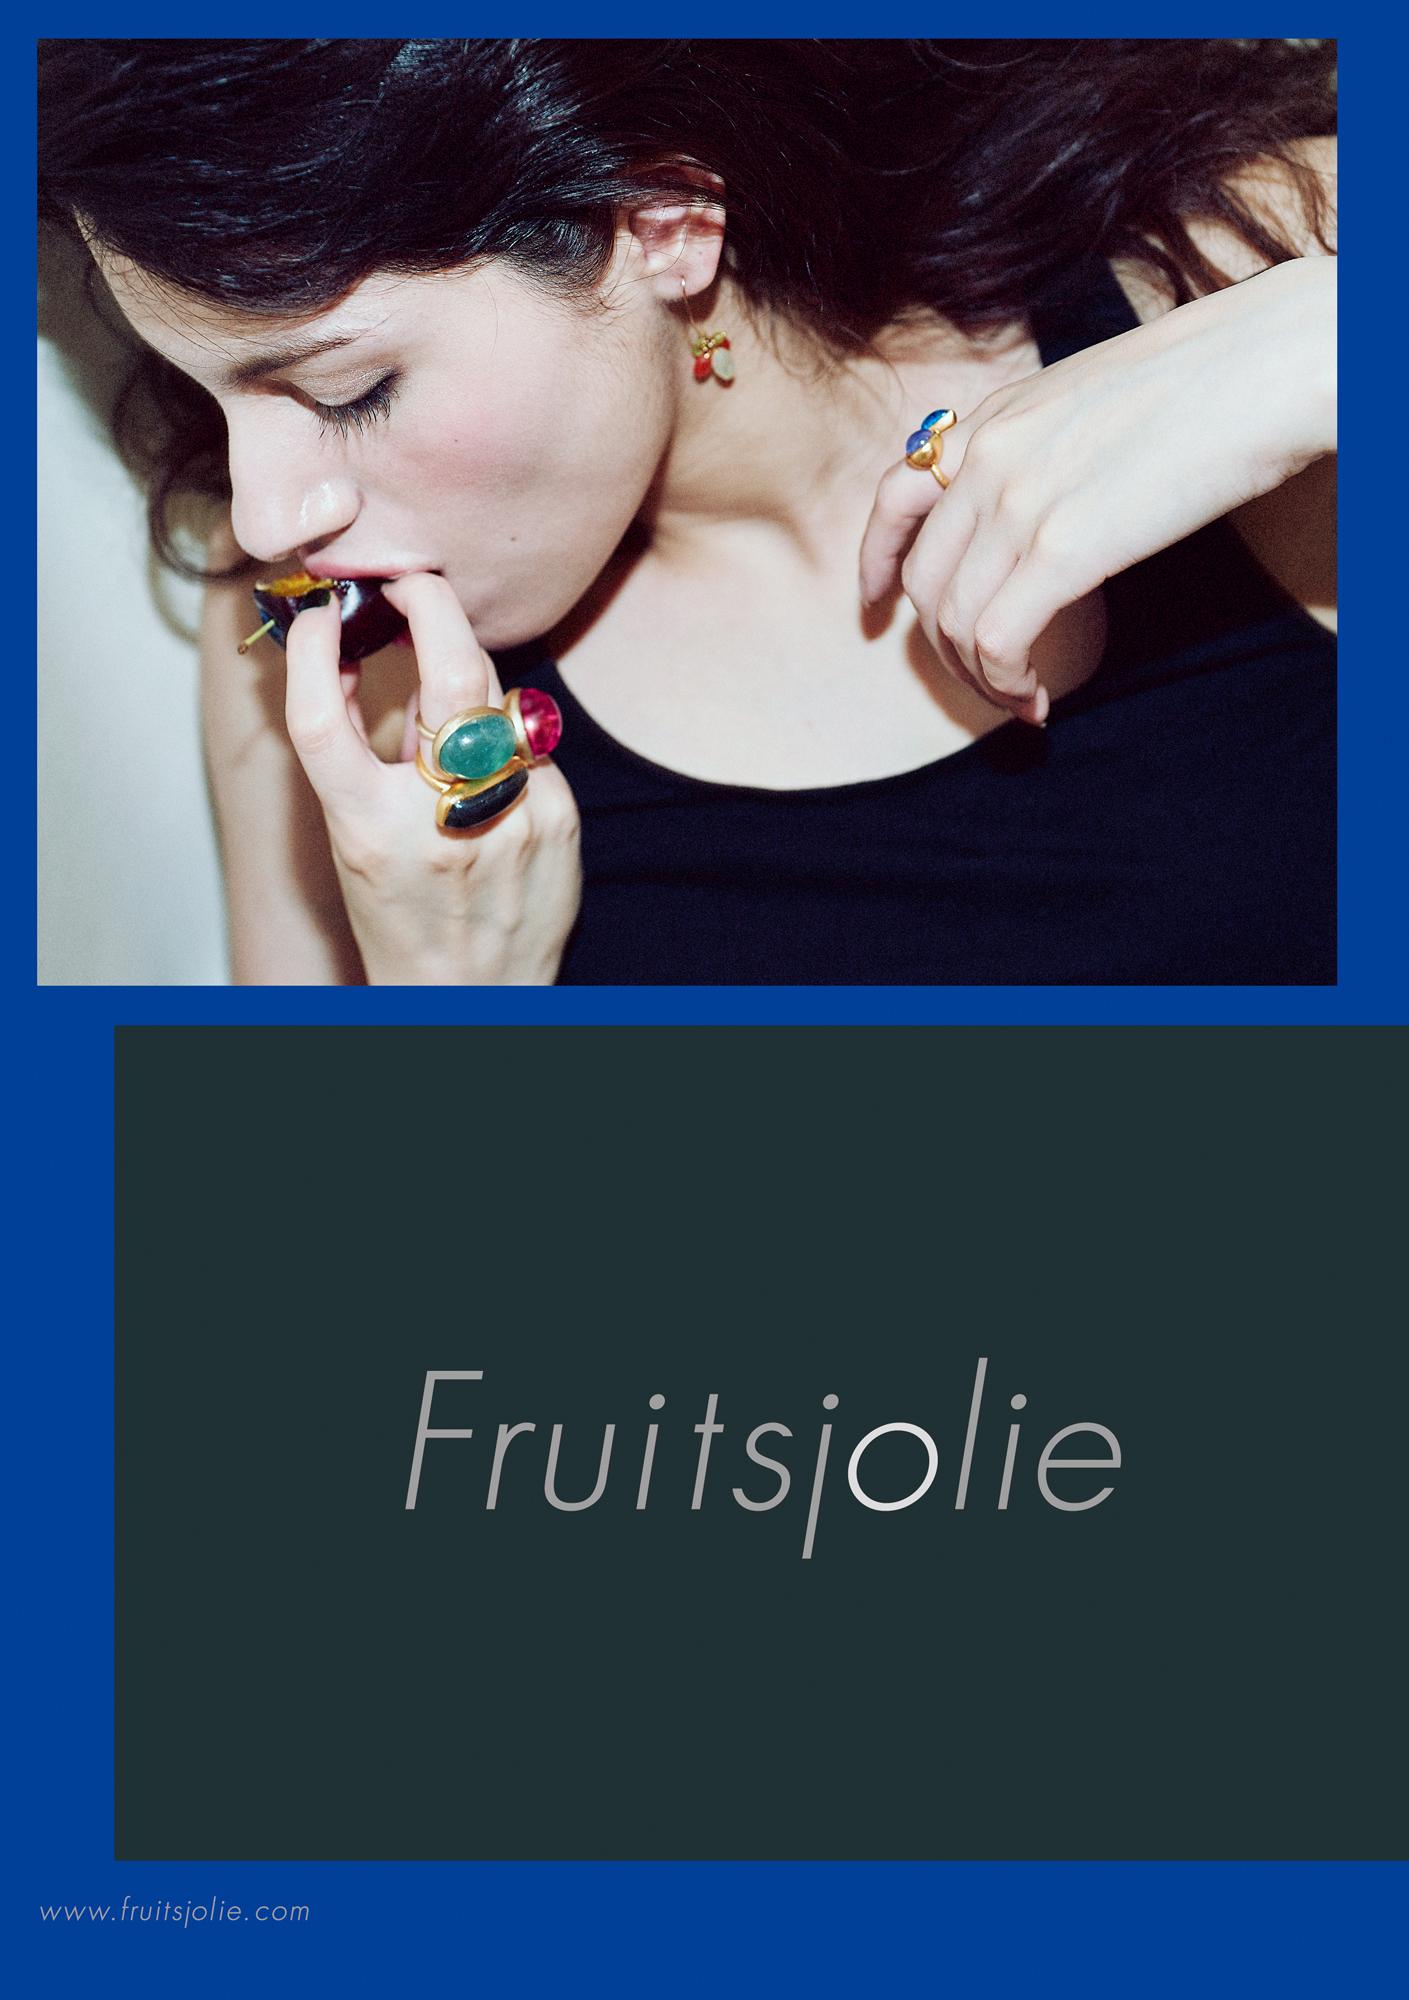 Fruitsjolie2-1